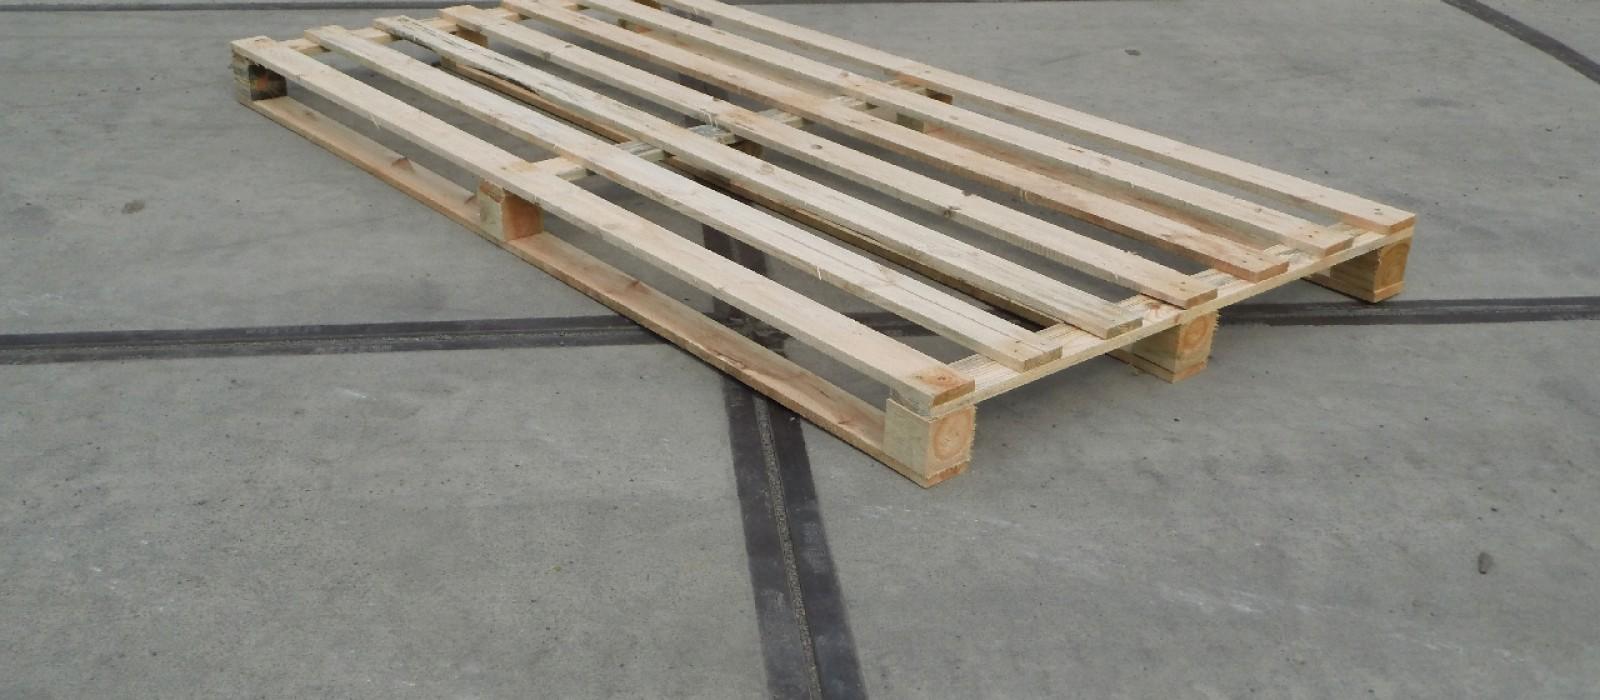 Einewgpalette-2000×1000-mm-(1)